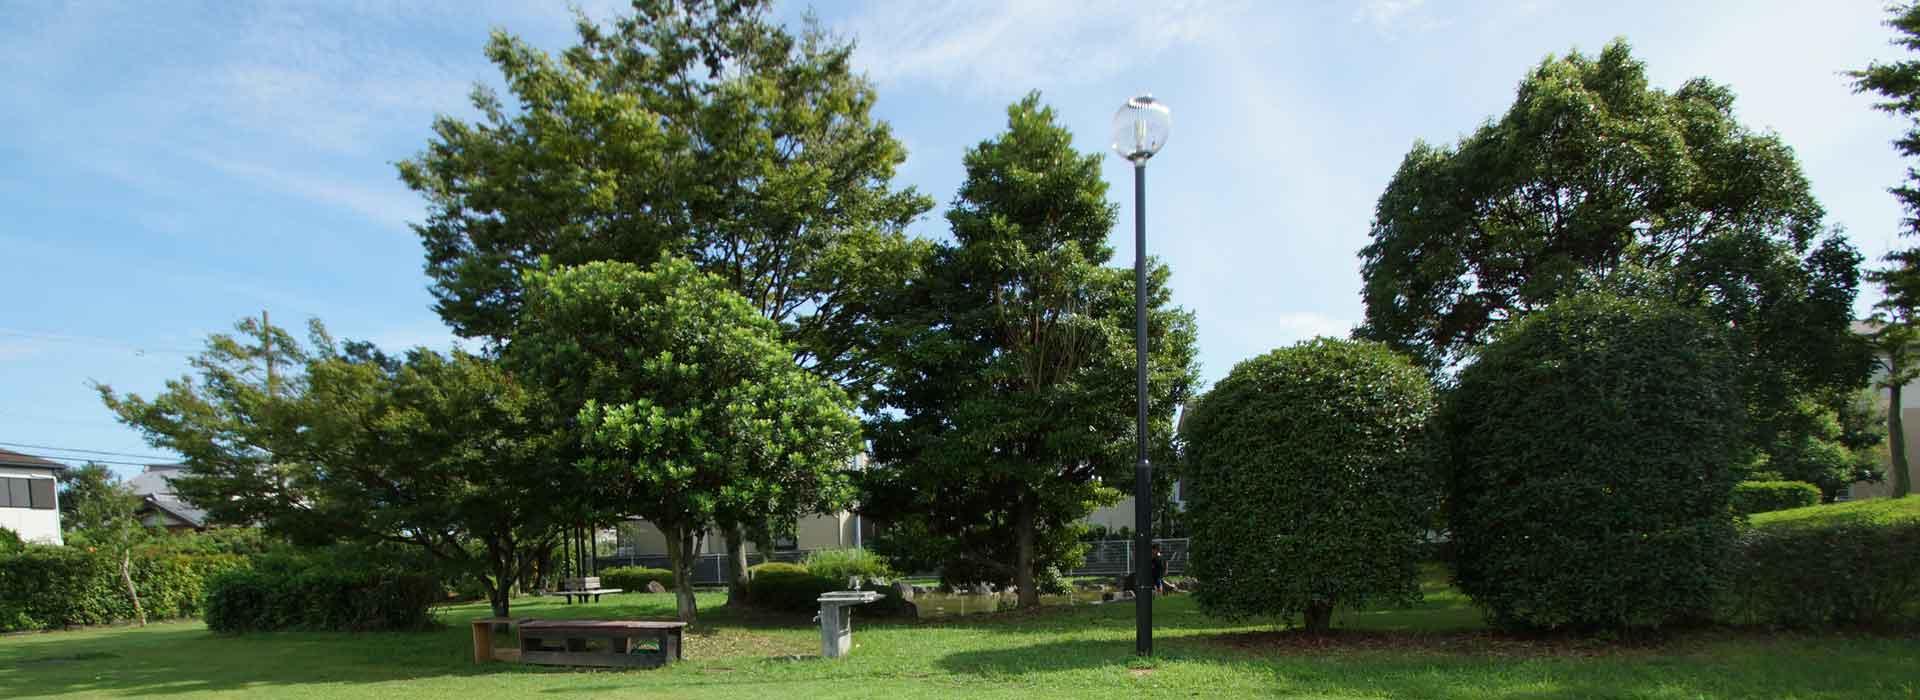 公園・学校・公共施設など広範囲の緑地管理・樹木管理はお任せください